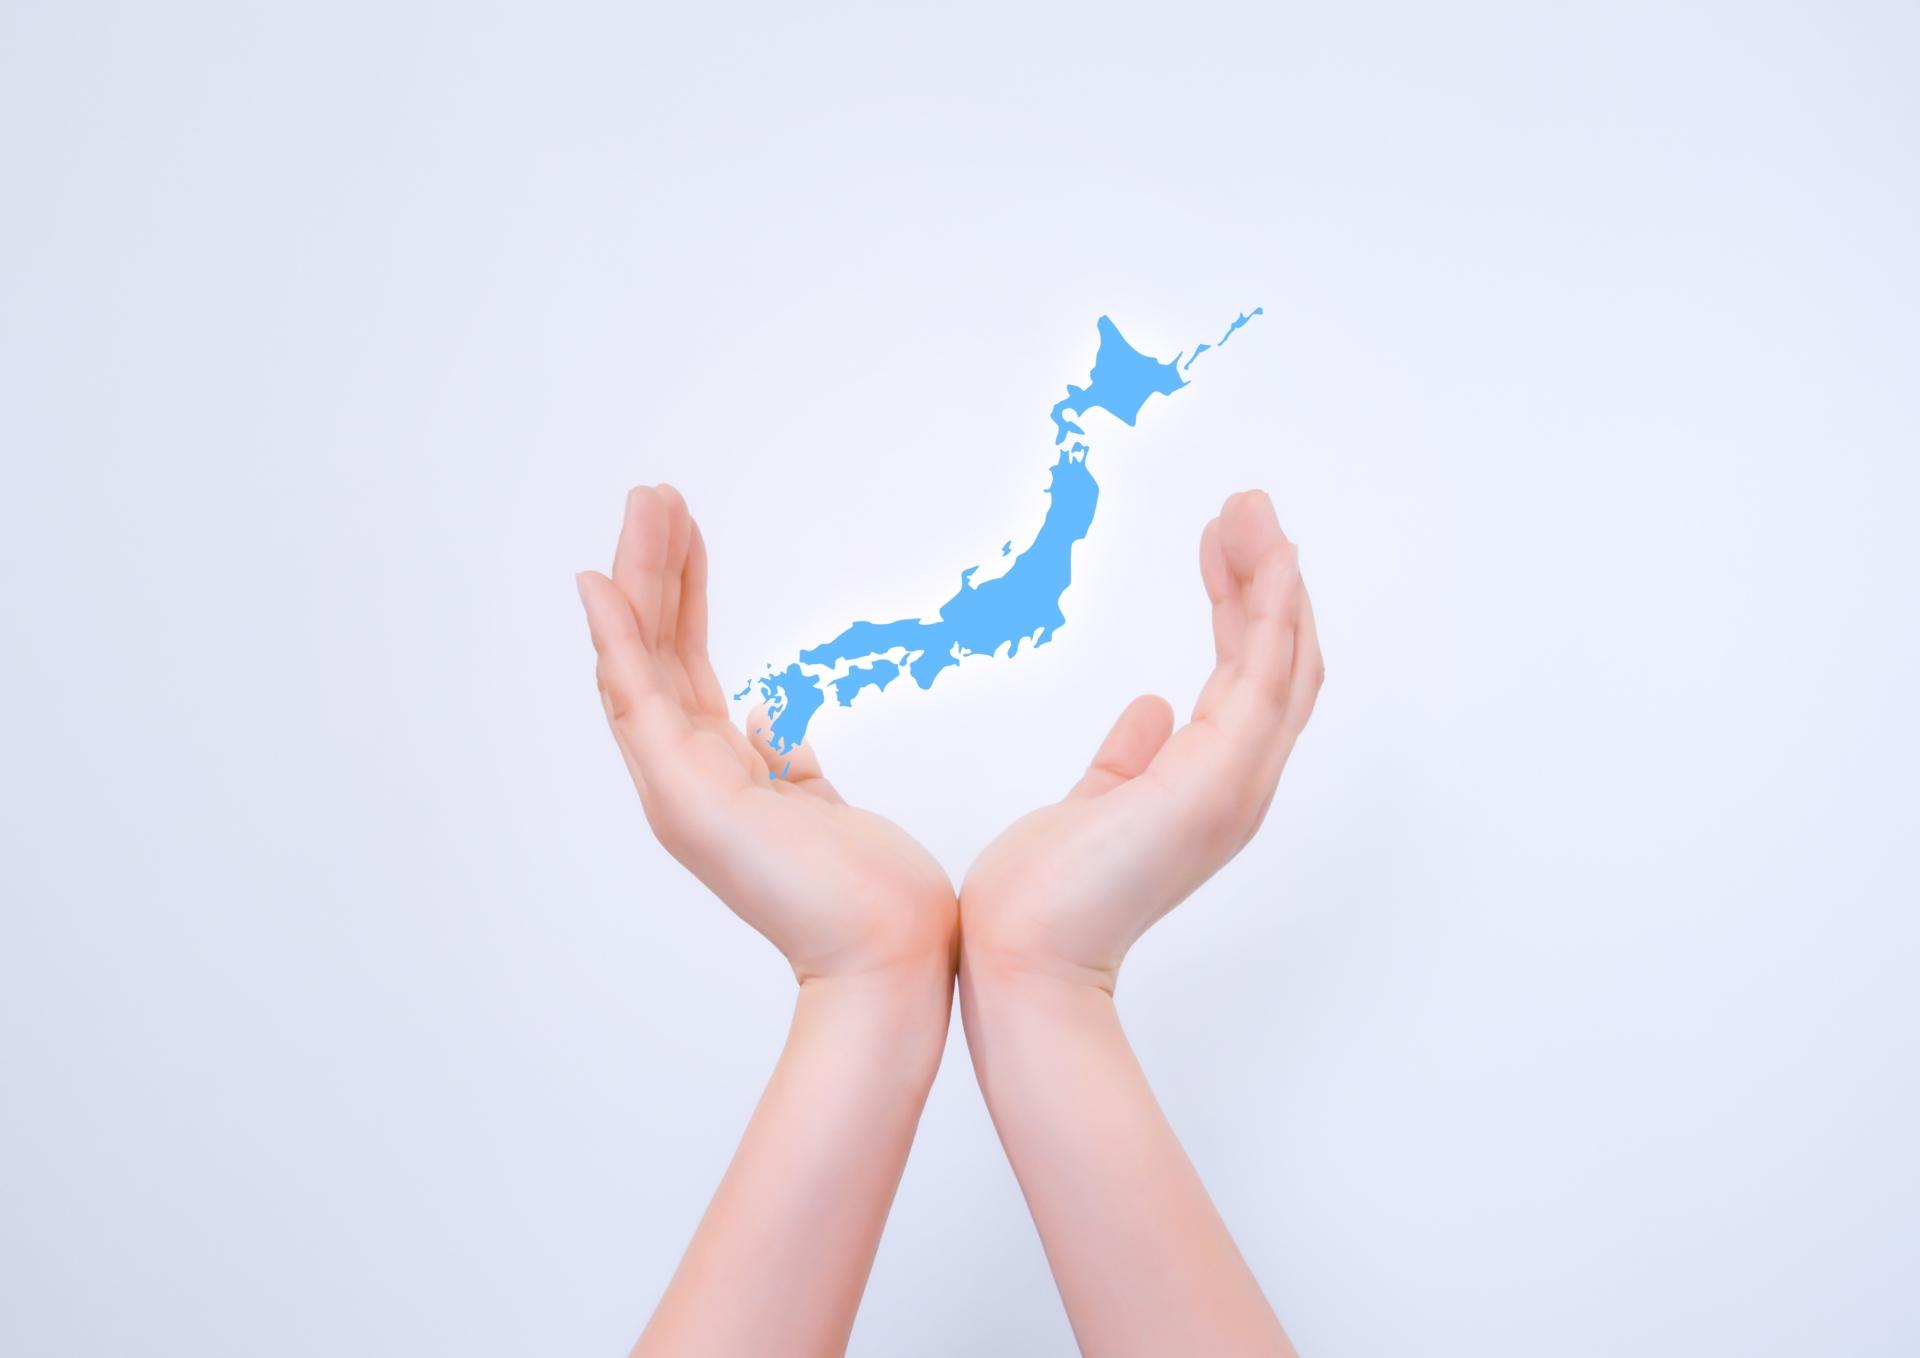 ヘッジファンド 日本